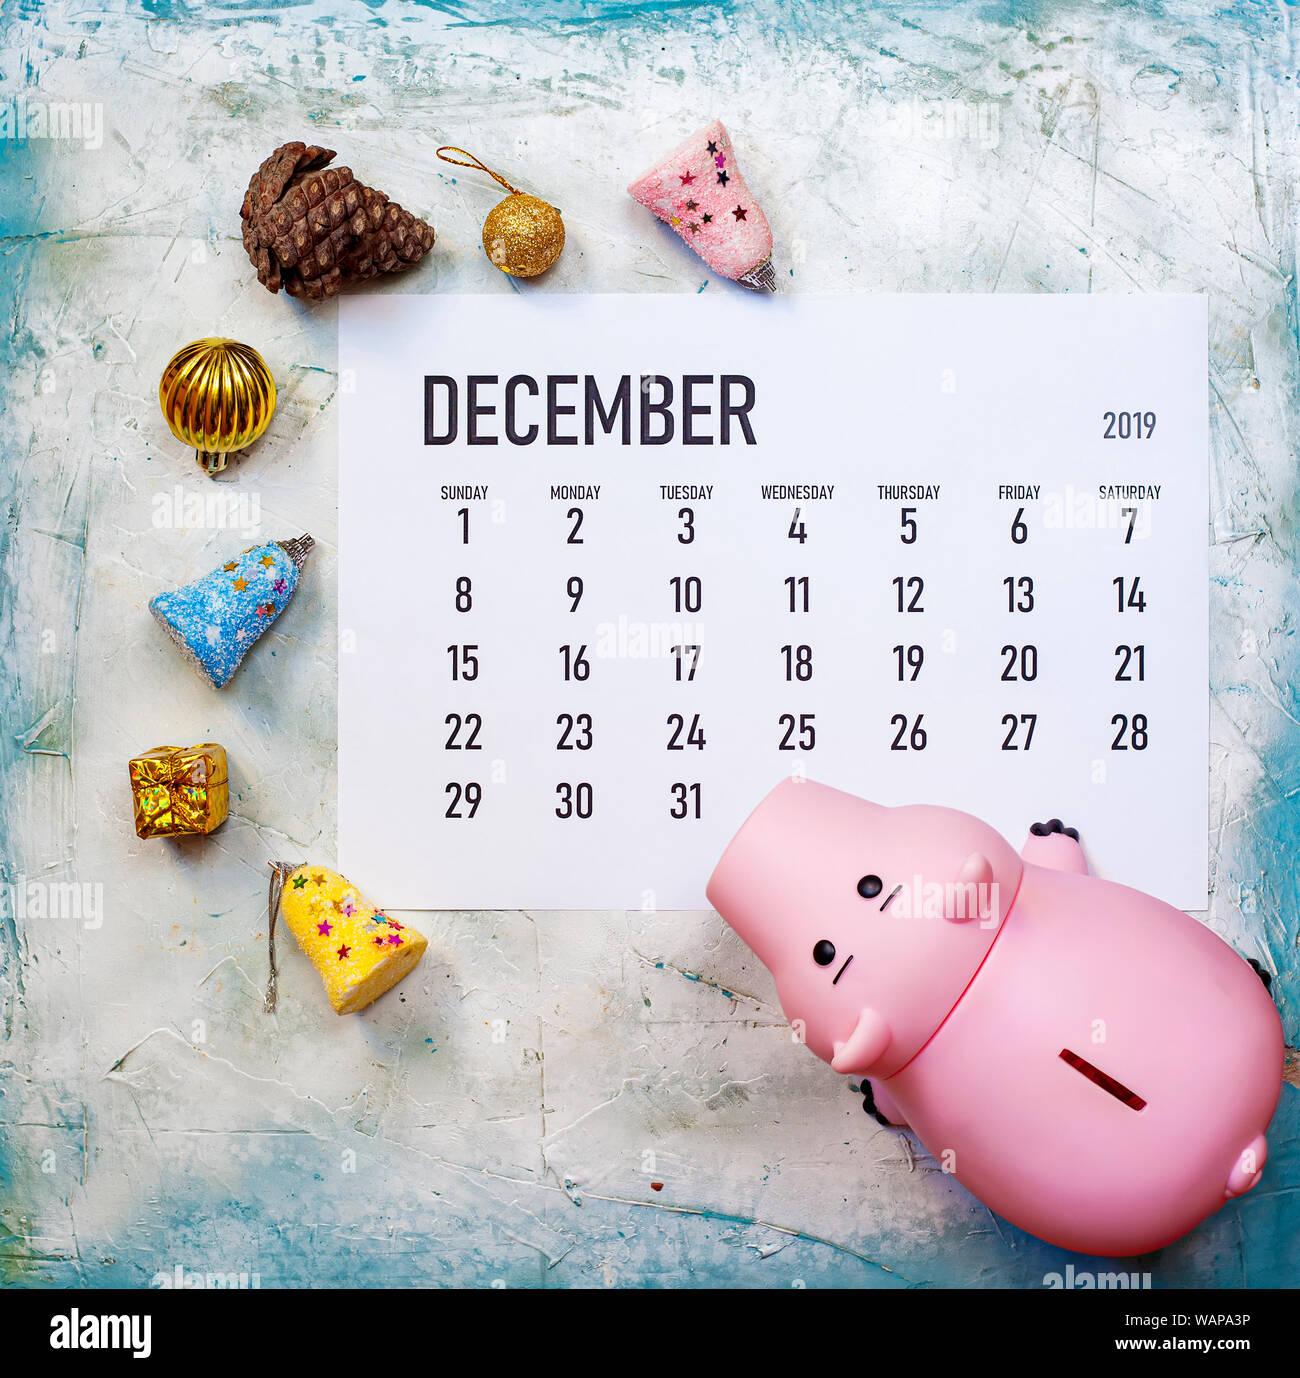 Christmas Holidays 2019 Calendar.December 2019 Calendar With Christmas Toys And Piggy Bank